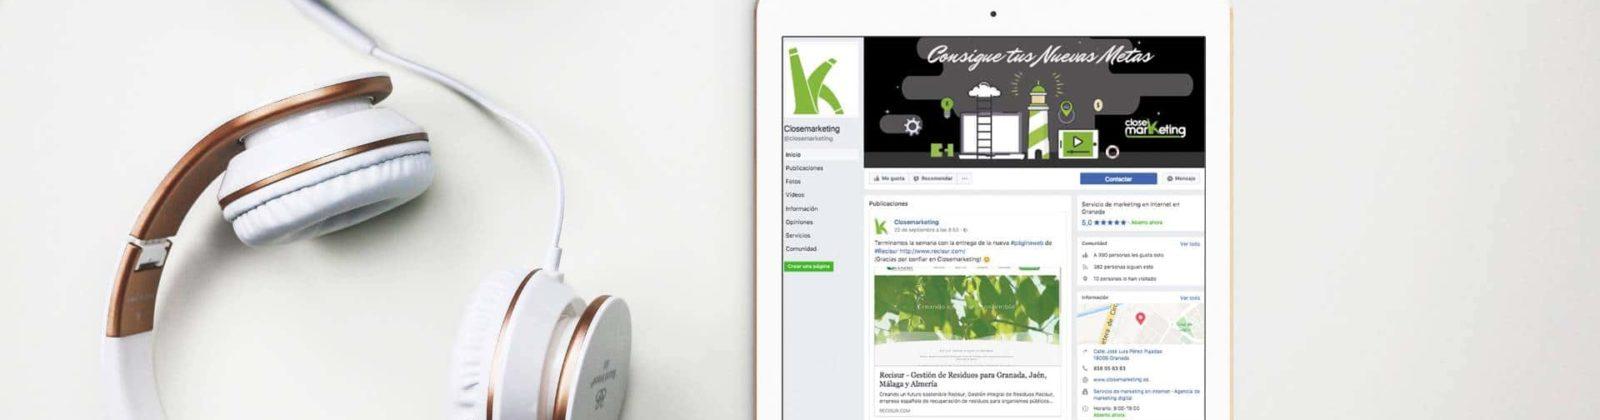 Perfil o Página de Facebook, qué elijo para mi empresa